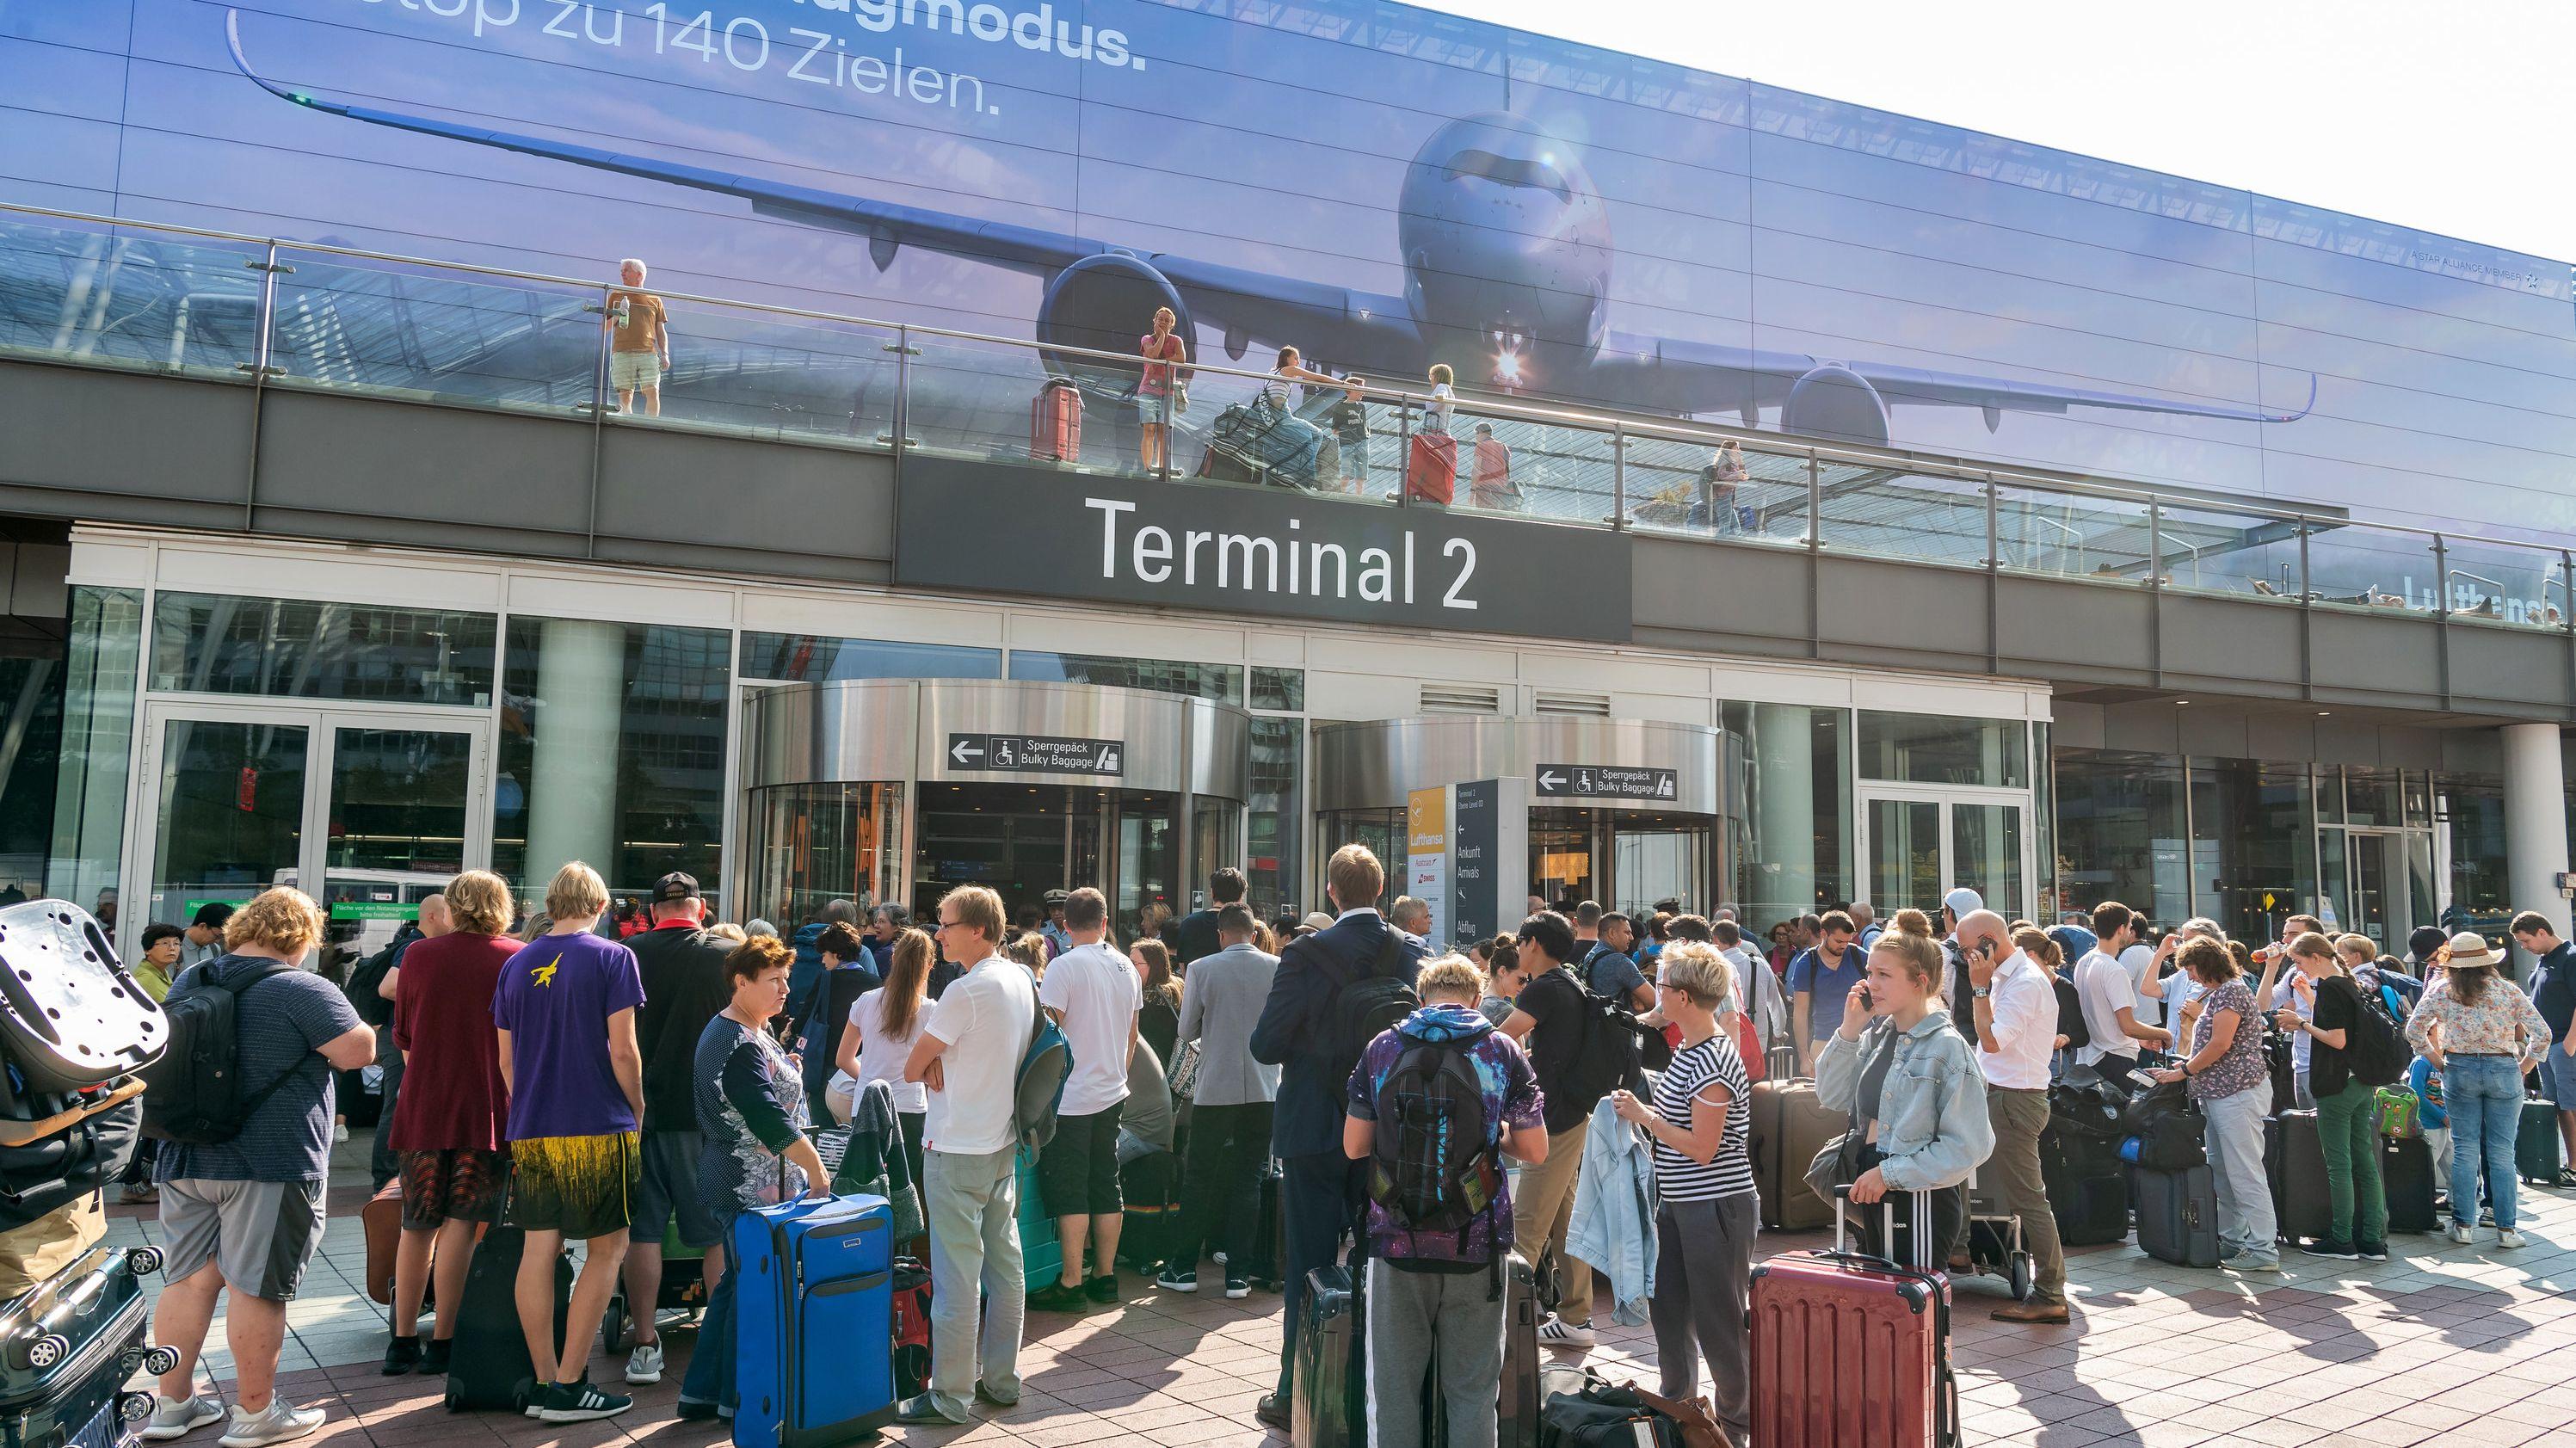 Fluggäste stehen am 27. August vor dem verschlossenen Eingang zum Terminal 2 am Münchner Flughafen.